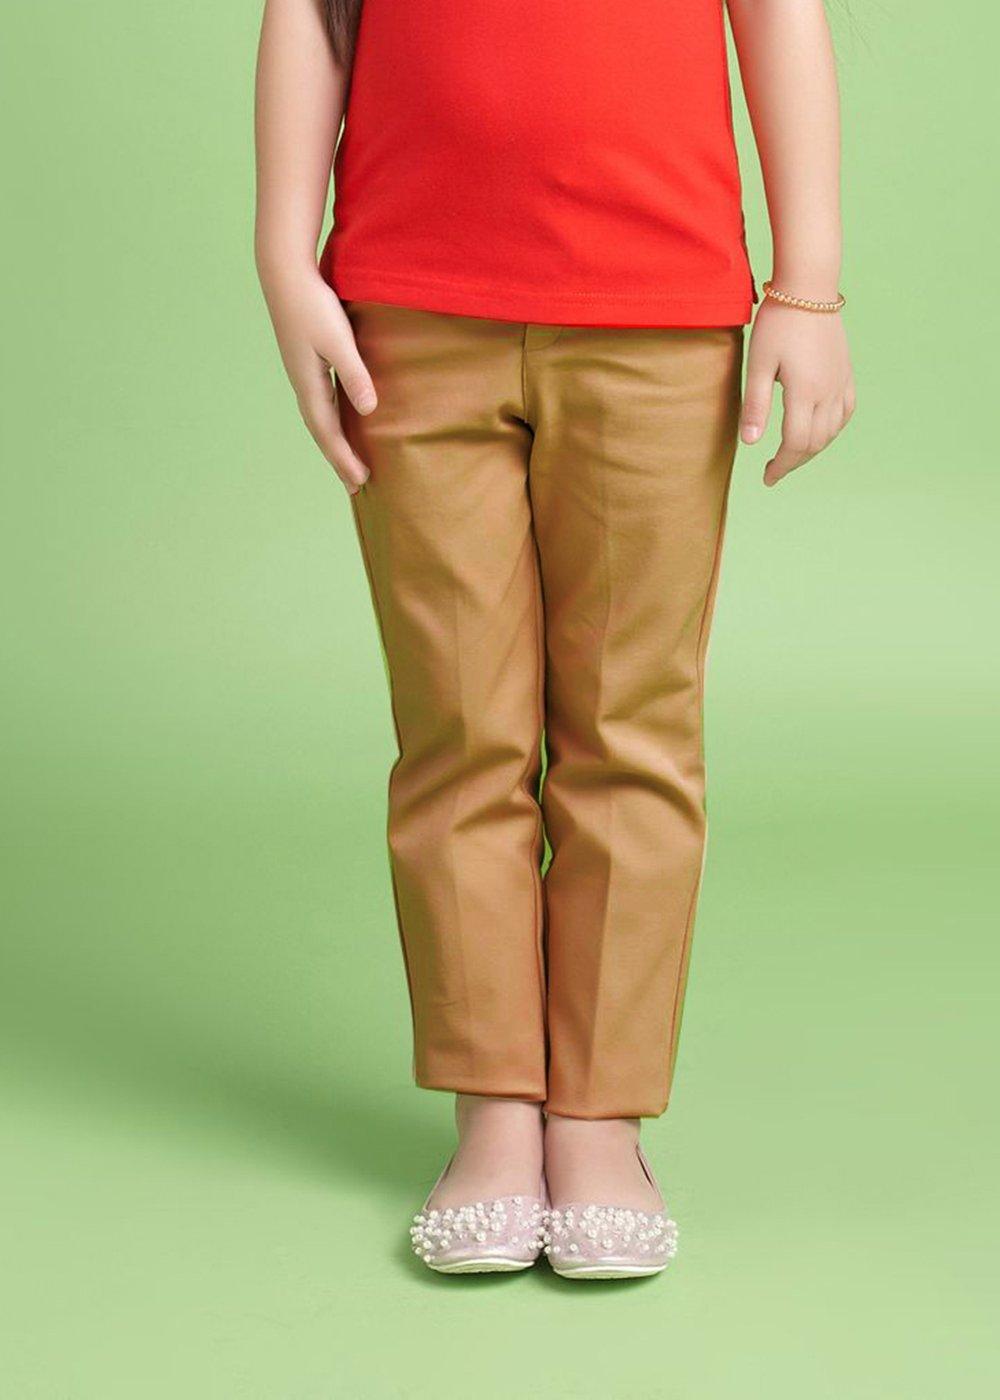 thời trang bé gái Phú Thọ